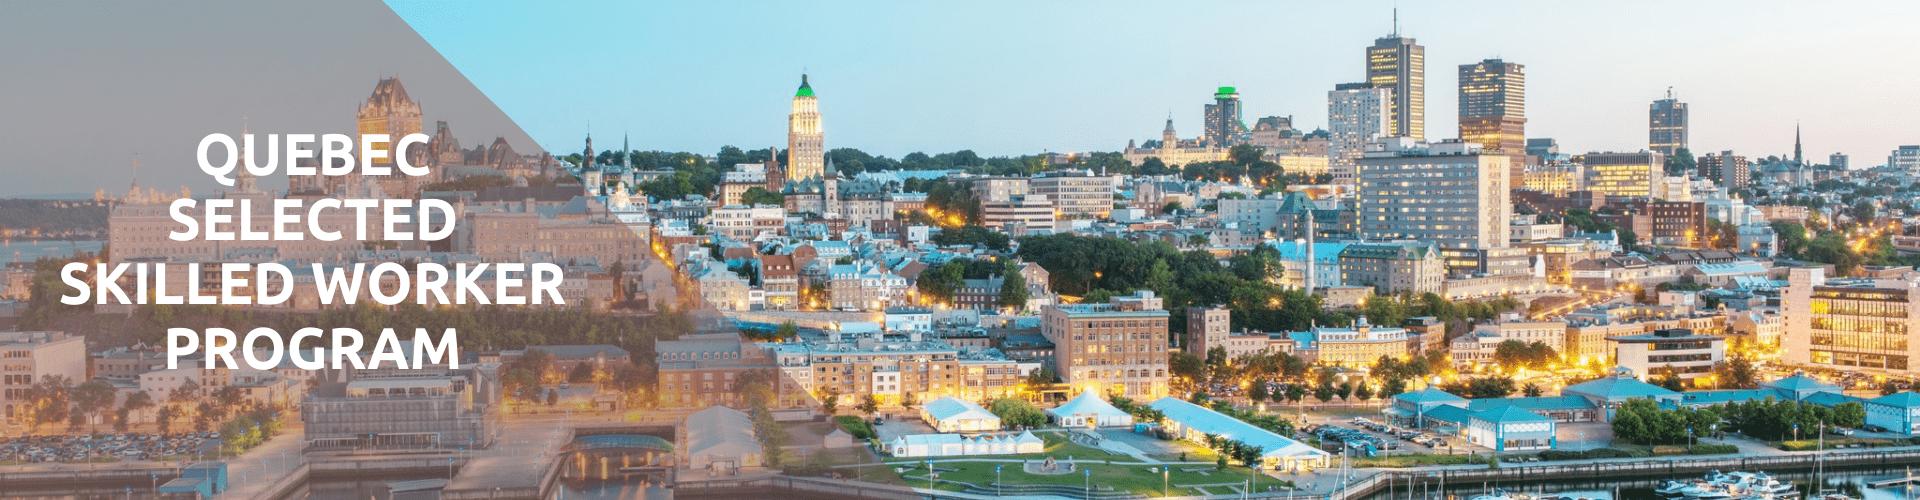 Quebec selected skilled worker program